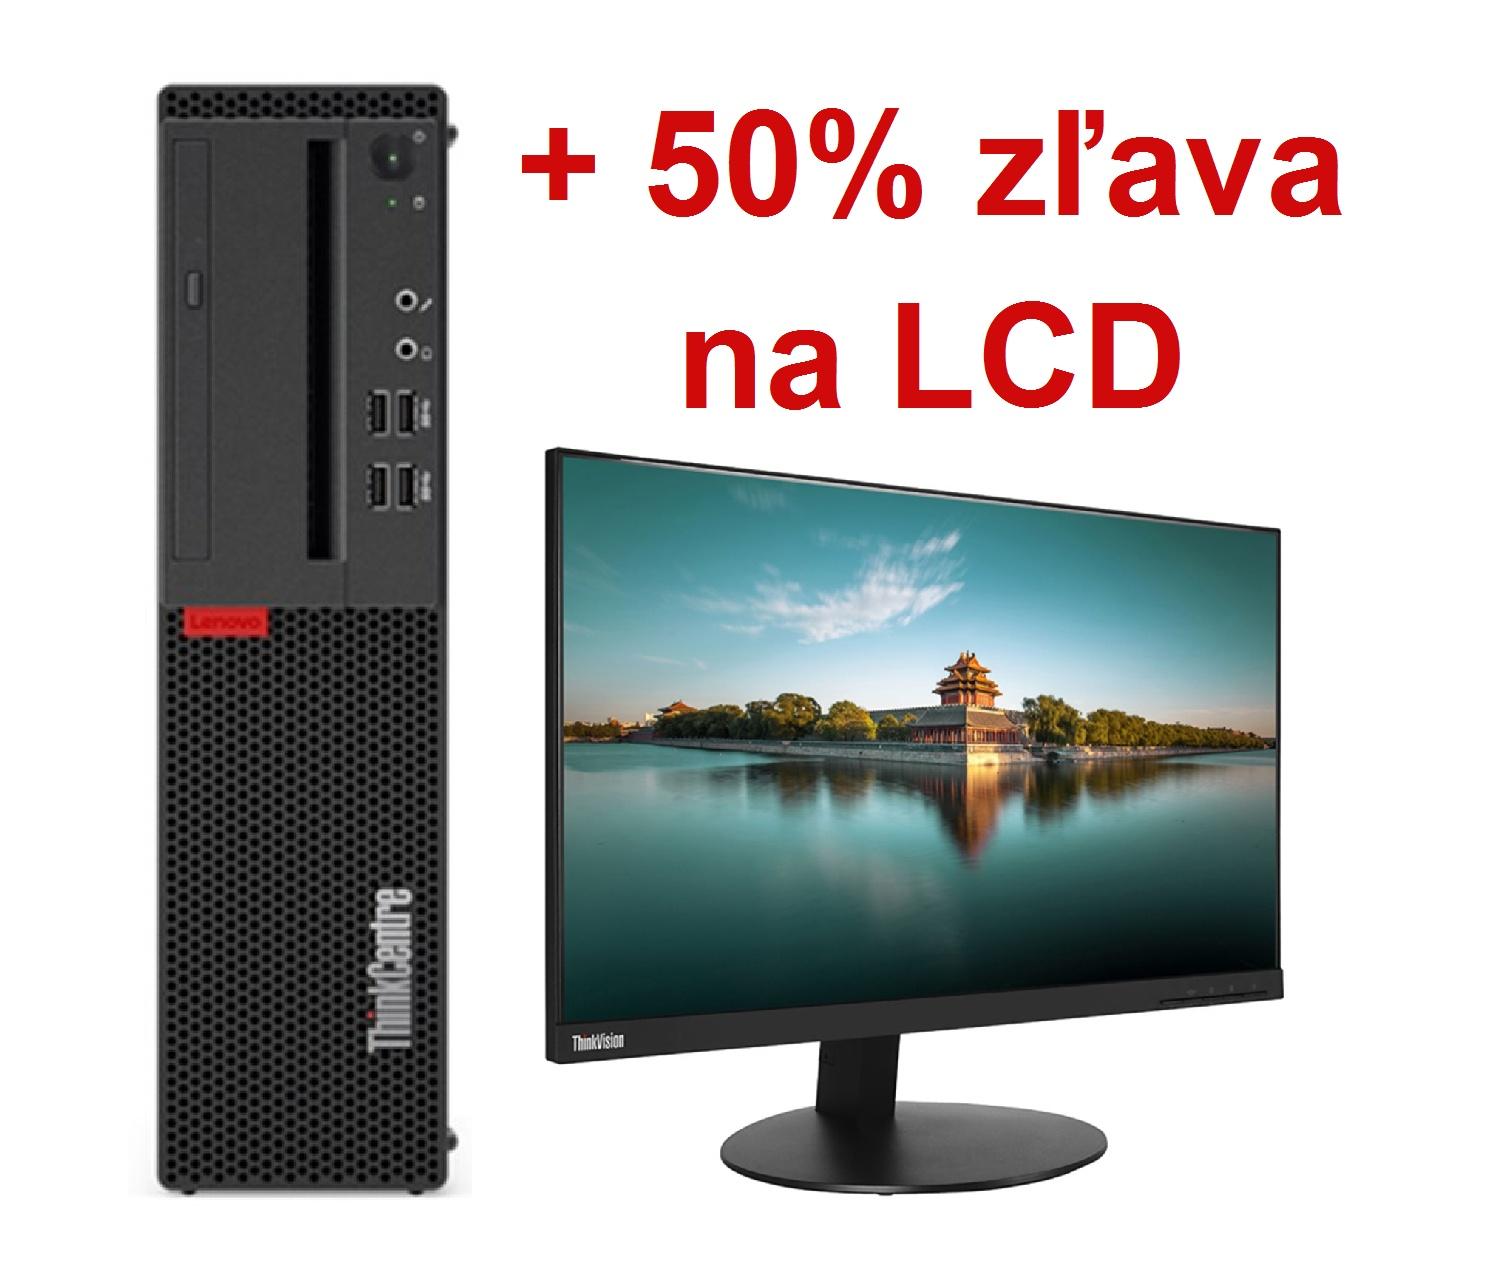 TC M710s SFF i5-7400/4G/128SSD/INT/DVD/W10Pro